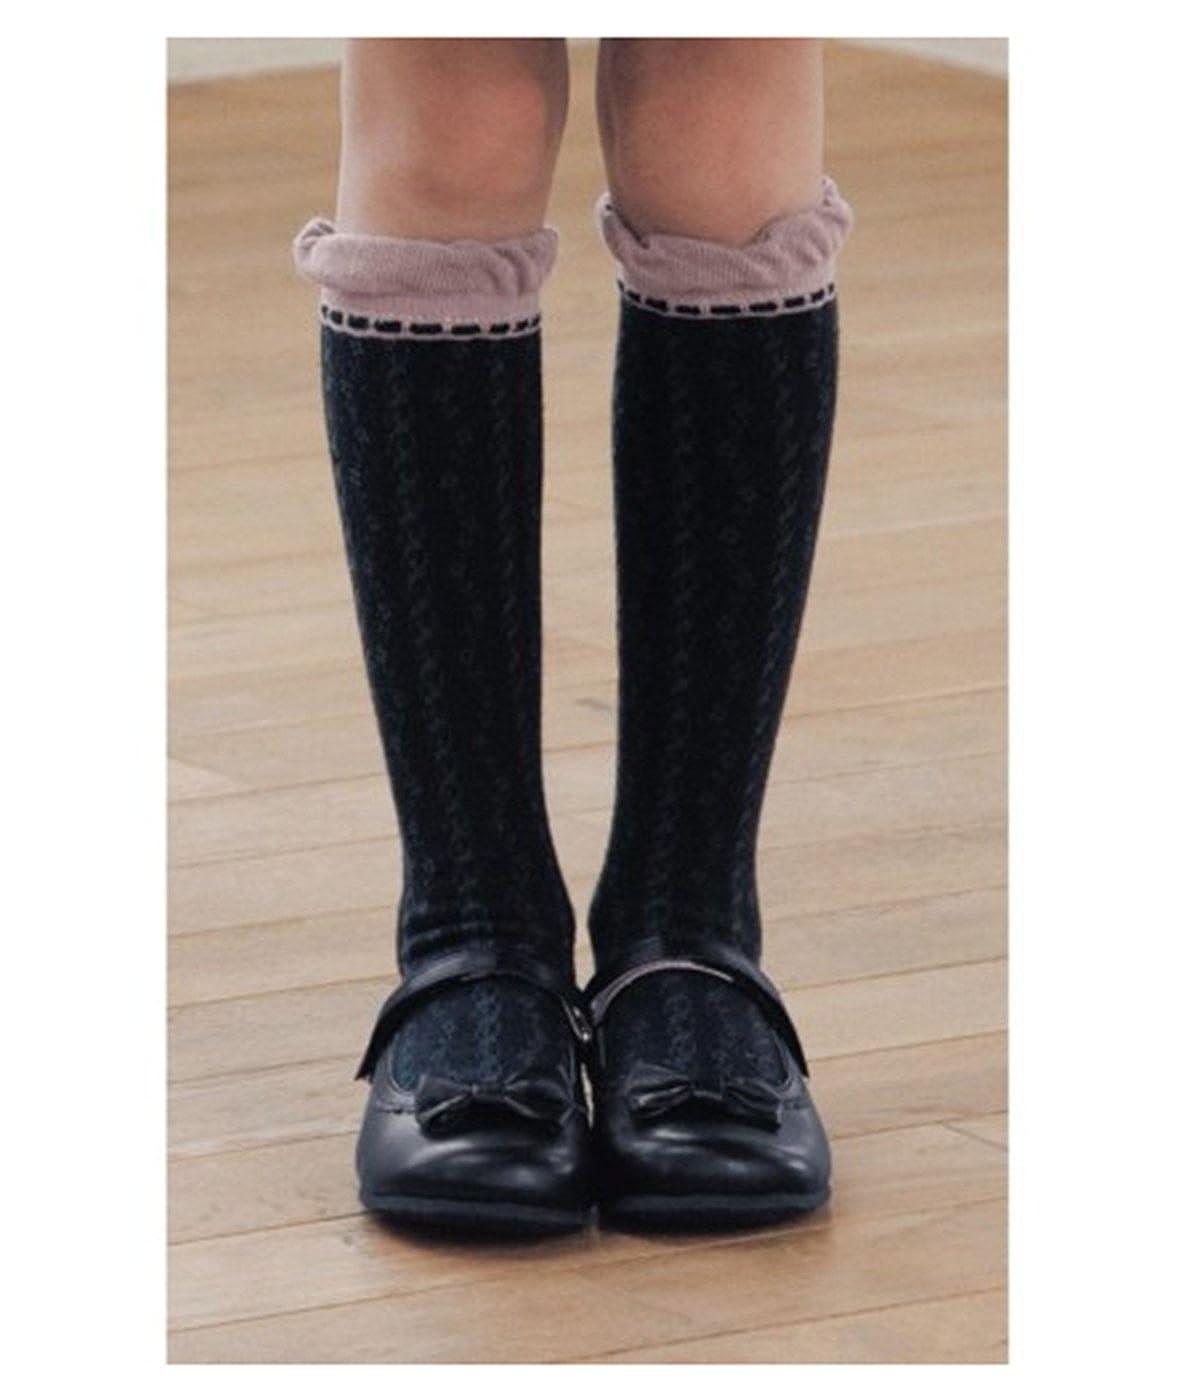 Little Girls Knee High Socks Cotton Comfort Socks 3 Pair Pack